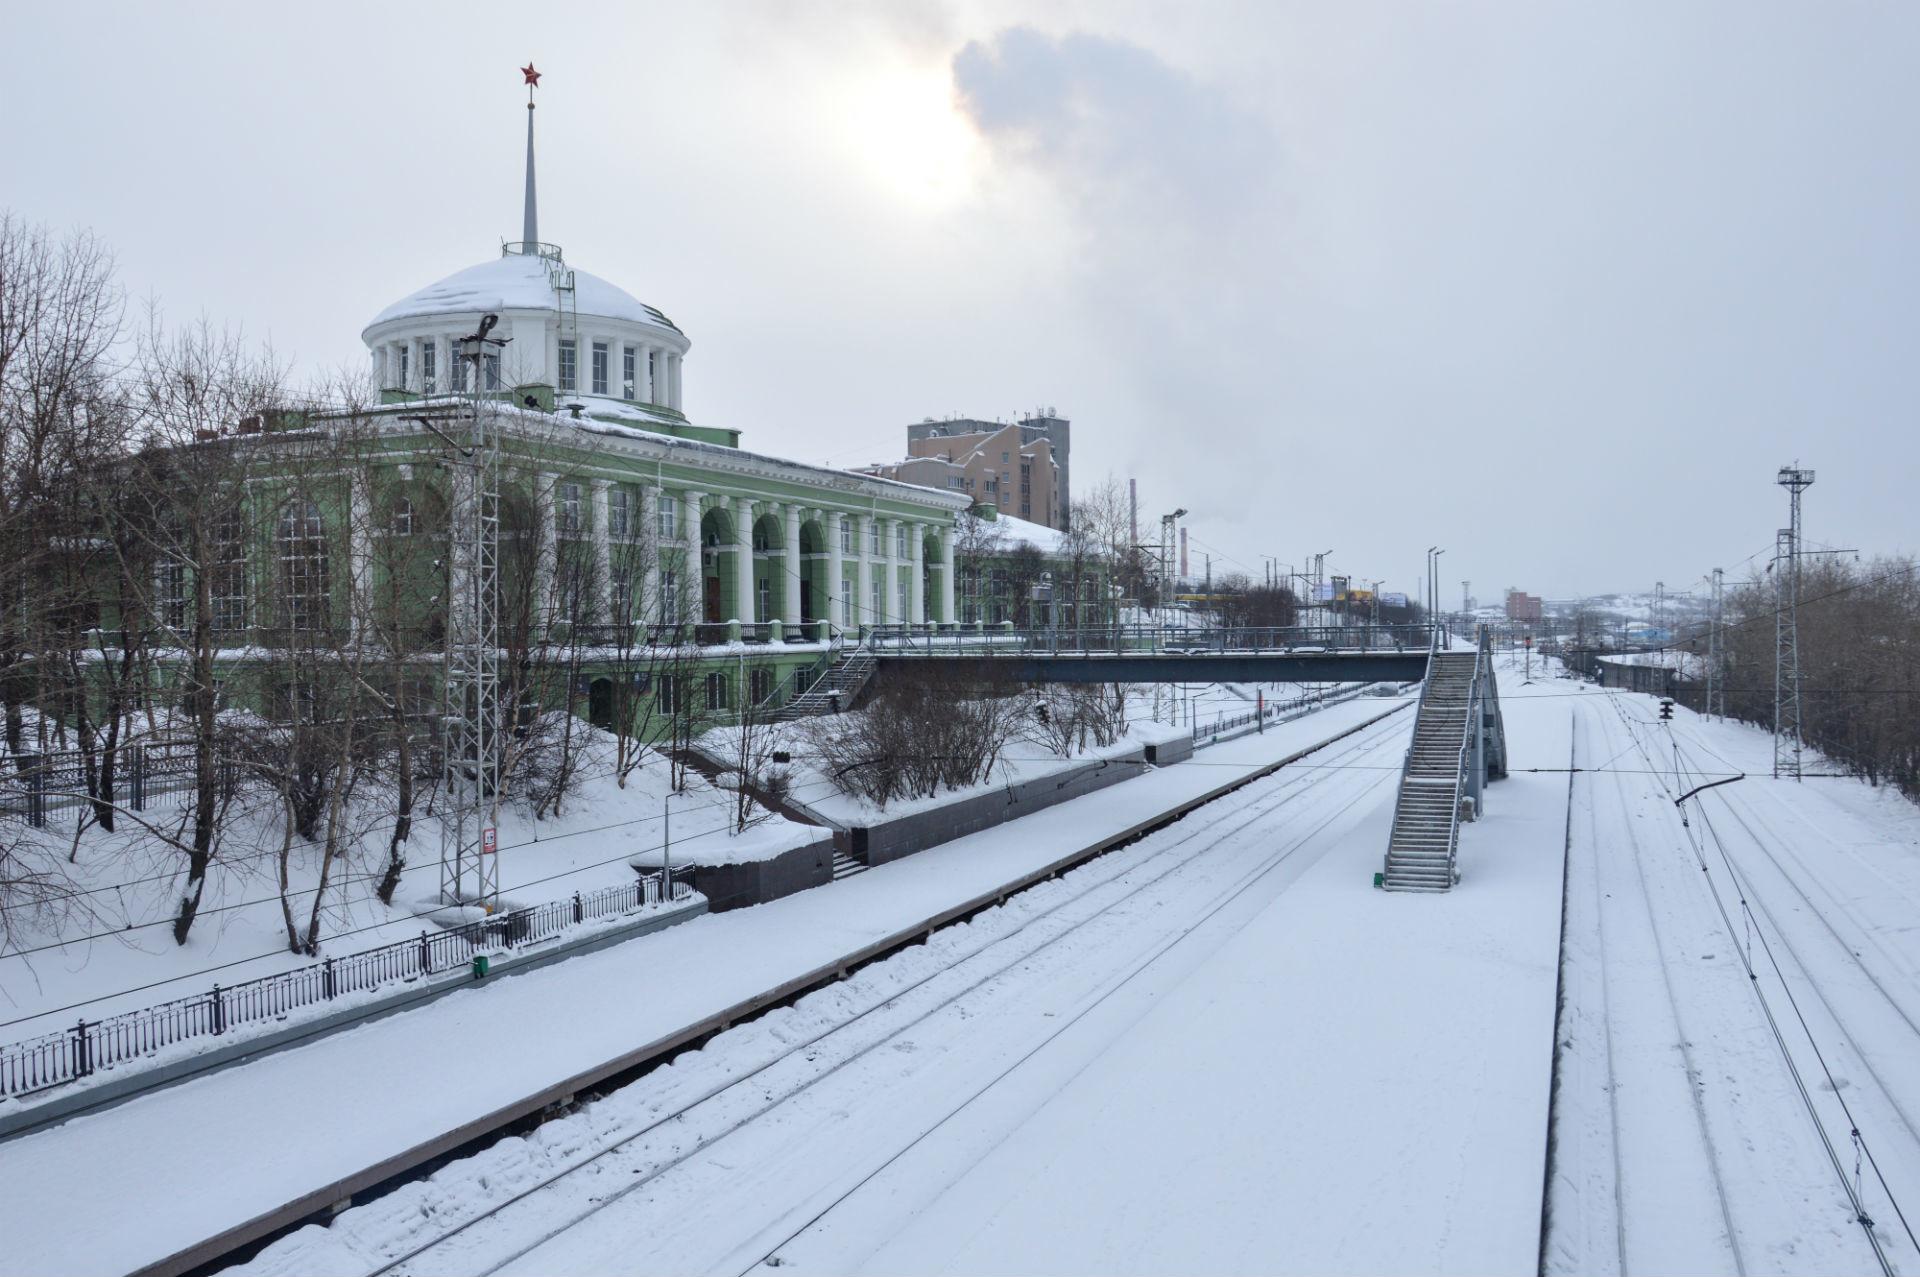 L'étoile rouge accueillant les voyageurs est l'un des nombreux symboles d'une époque révolue à Mourmansk.